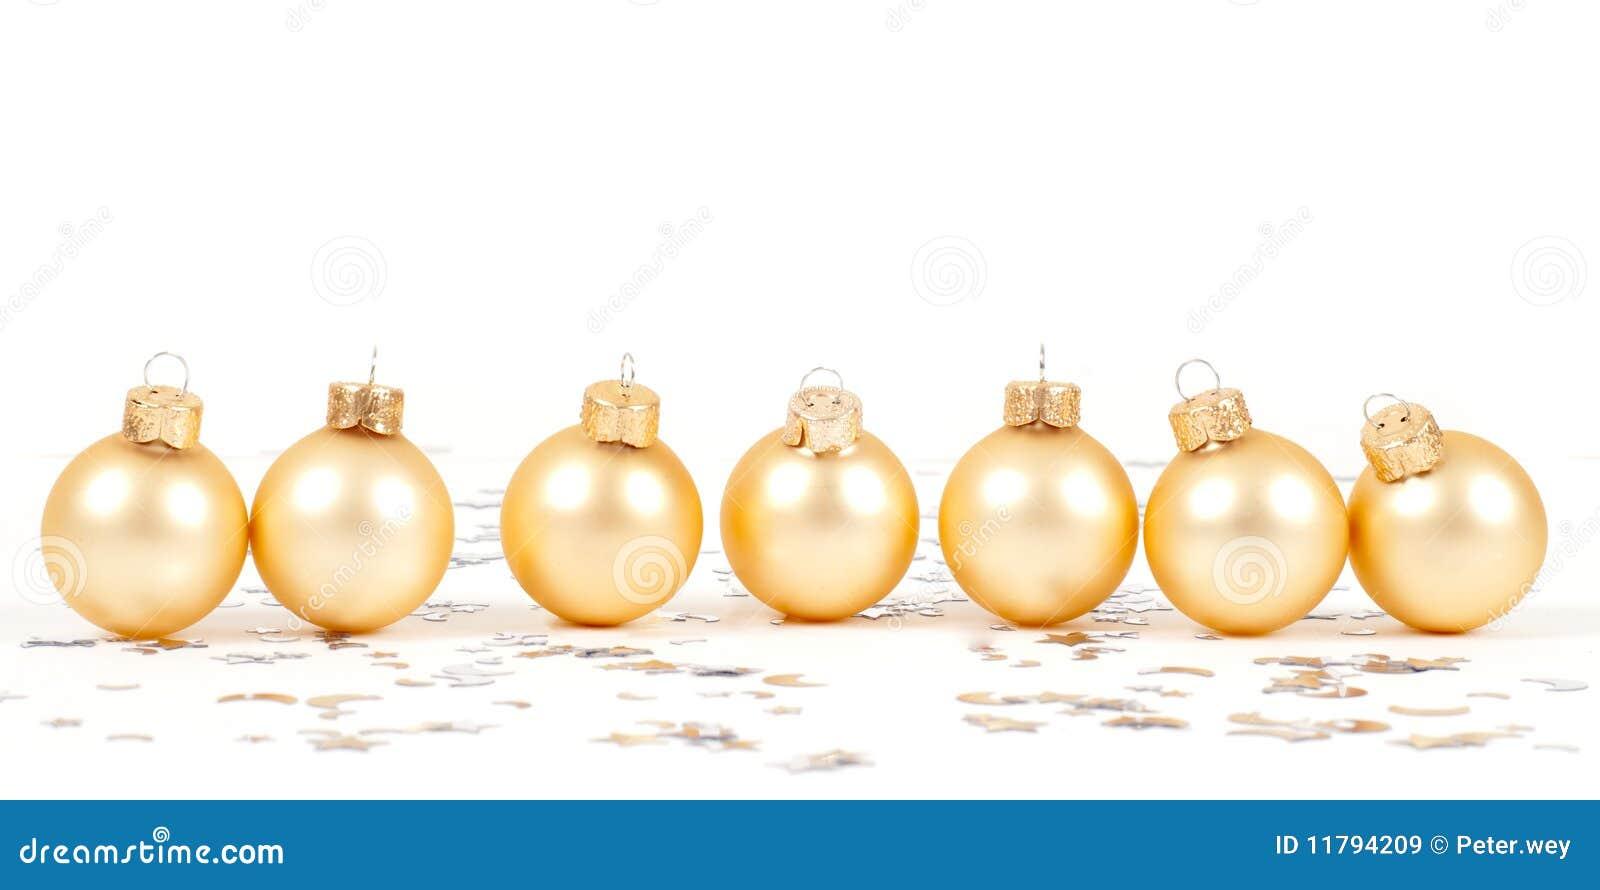 Goldene weihnachtskugeln stockbild bild von decorate for Weihnachtskugeln bilder